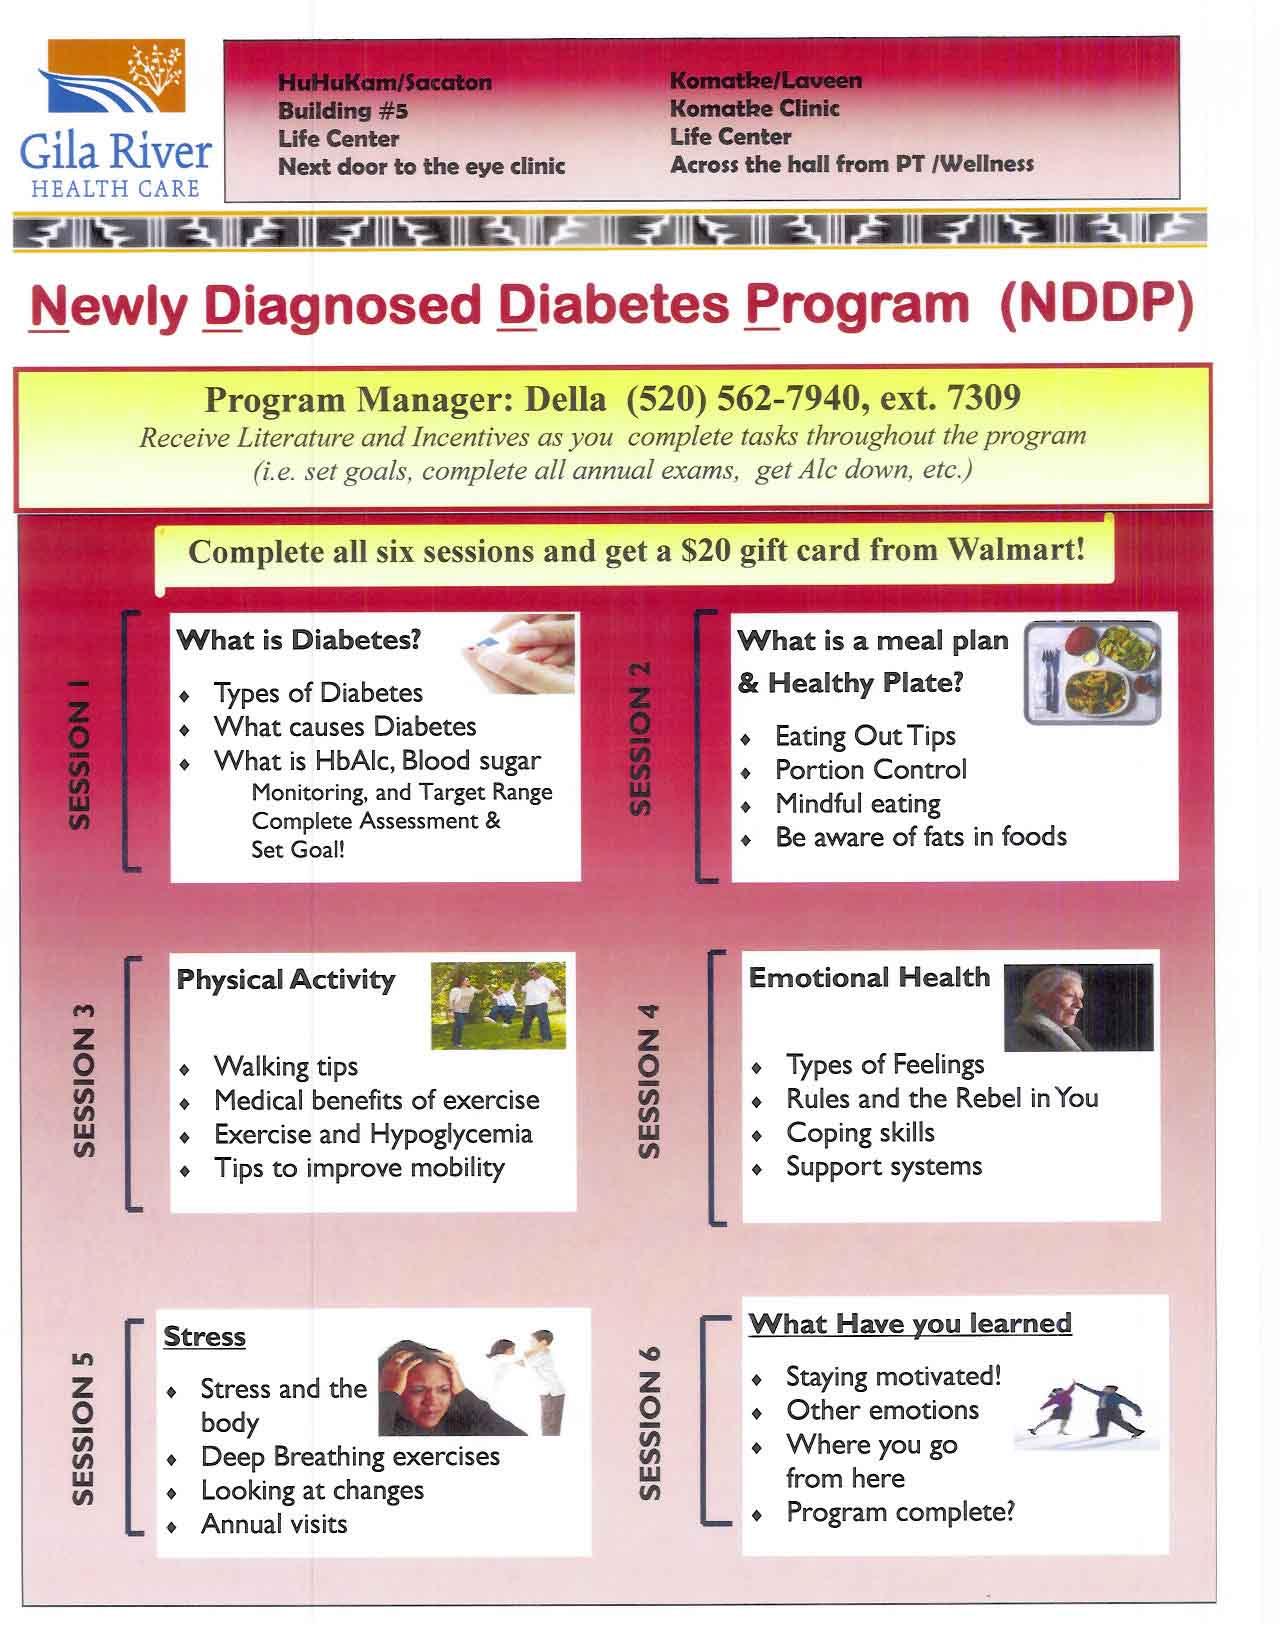 NDDP 1-26